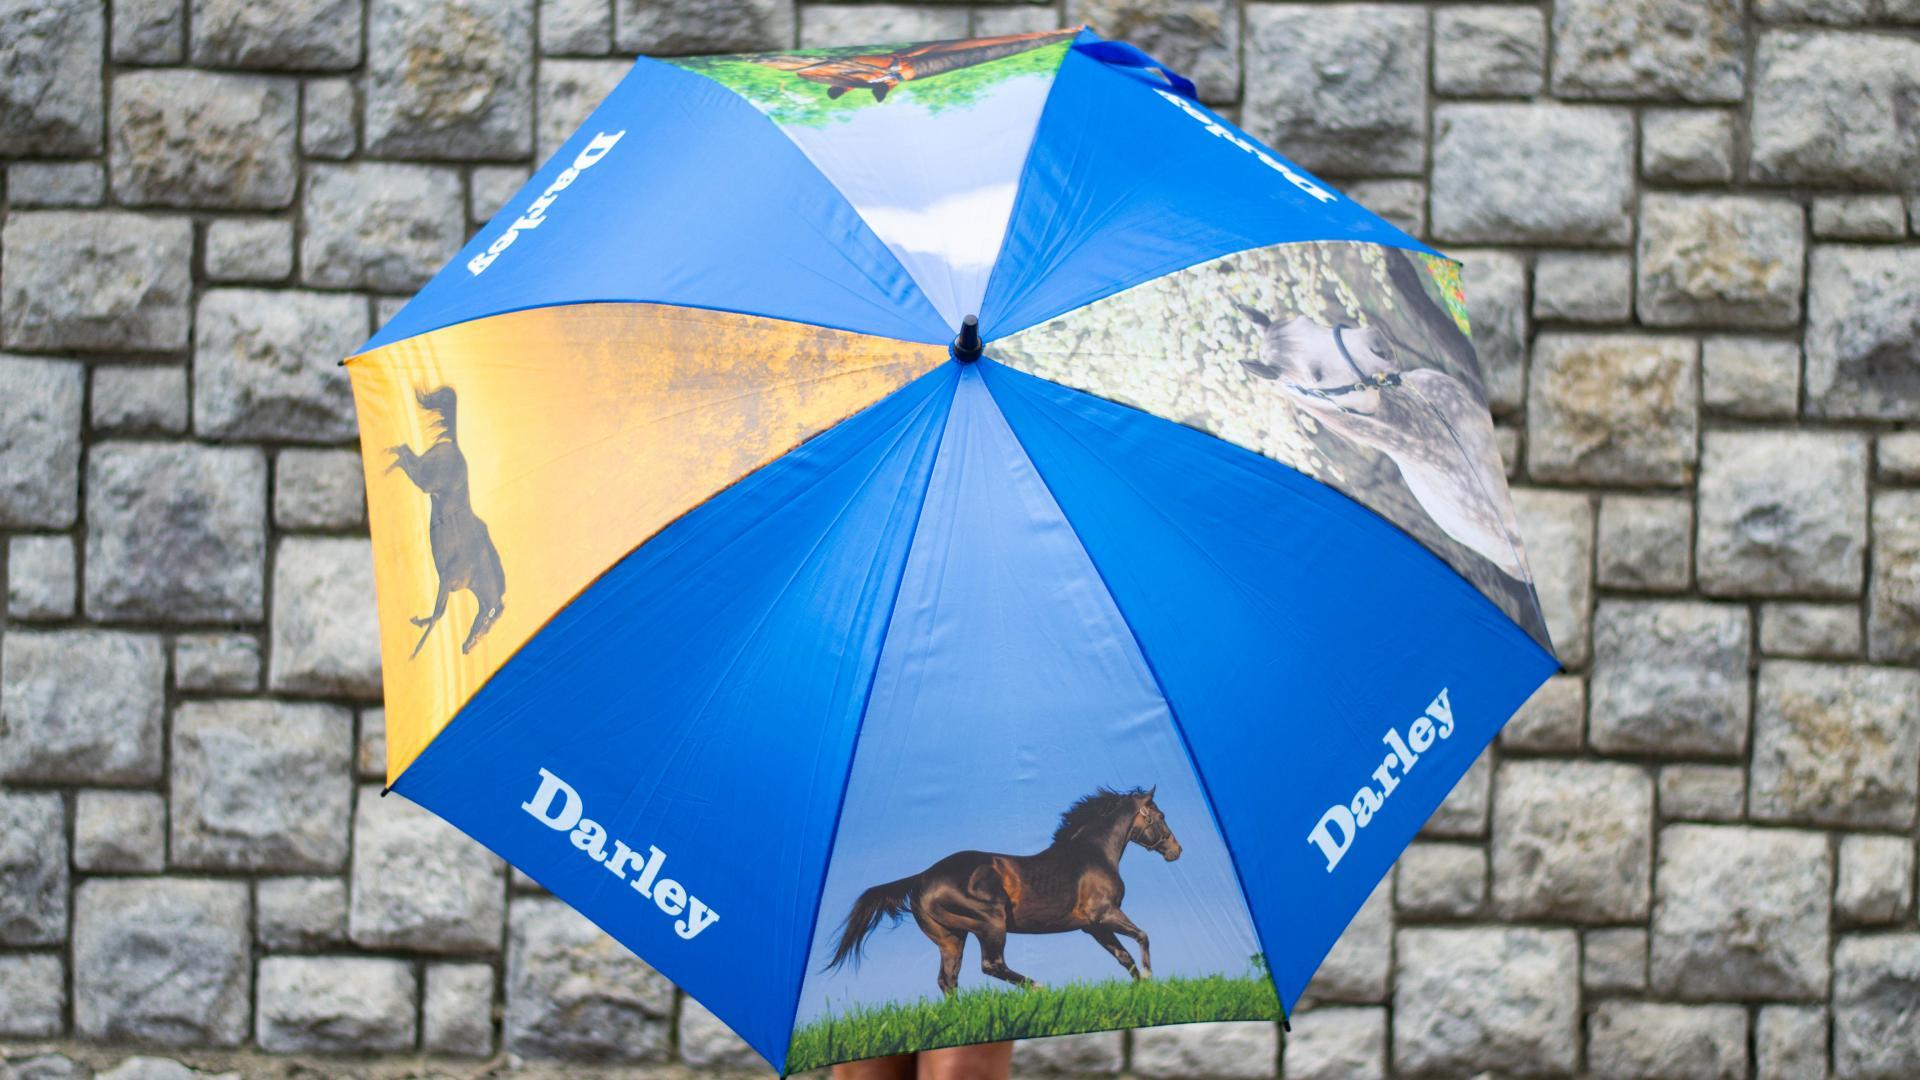 Darley umbrella